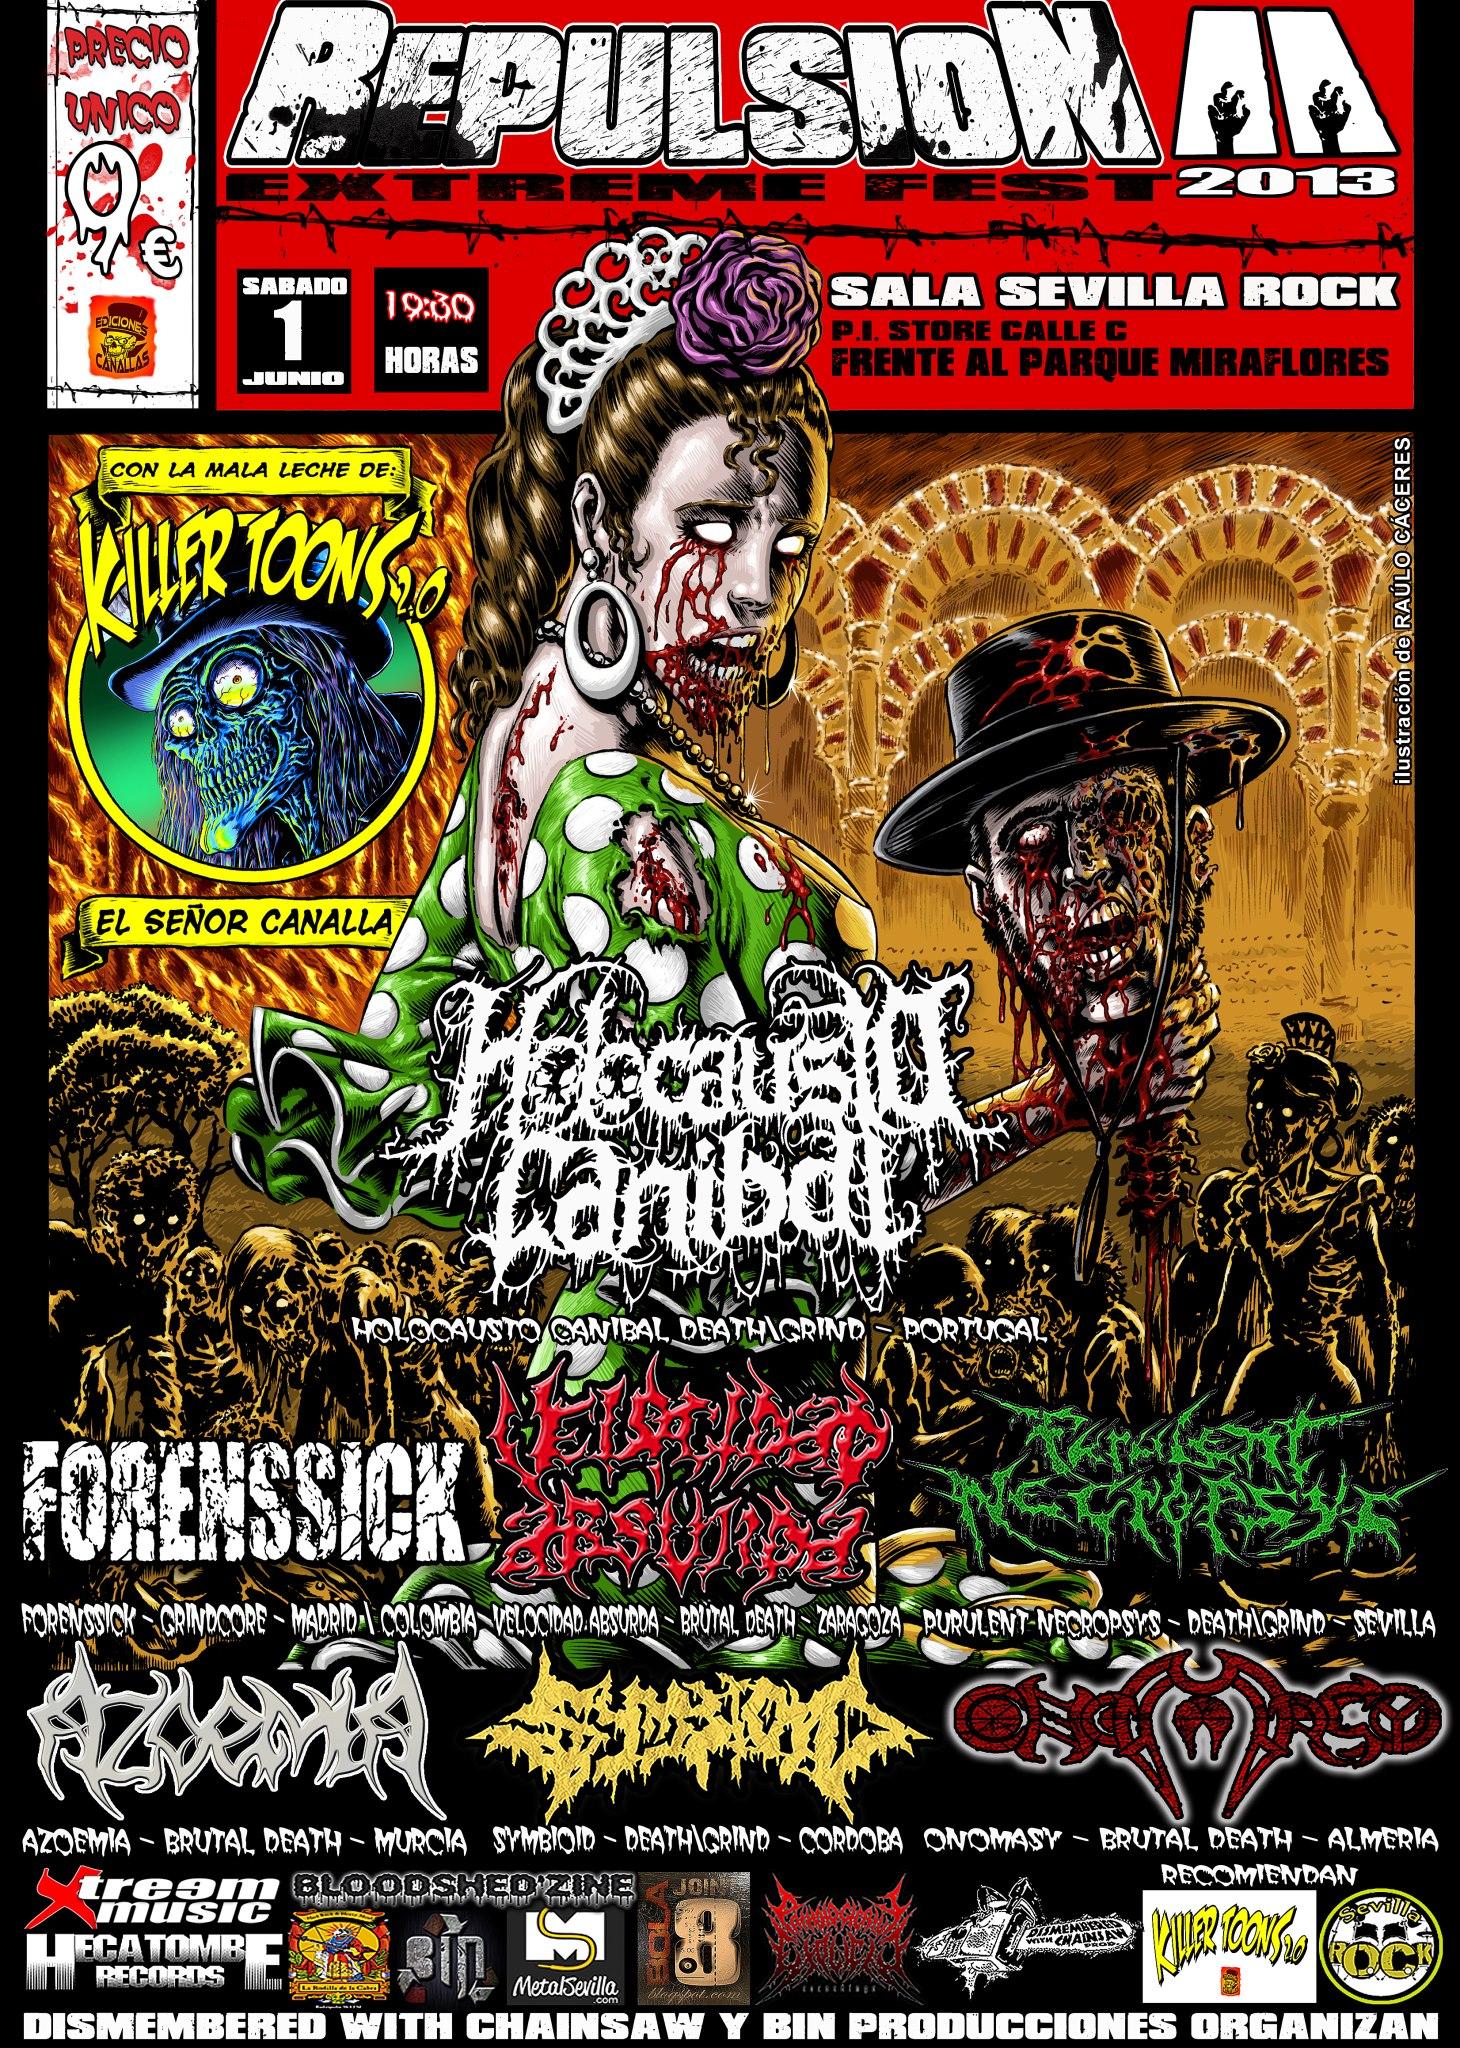 Repulsion Fest II – Sevilla – 01/06/13